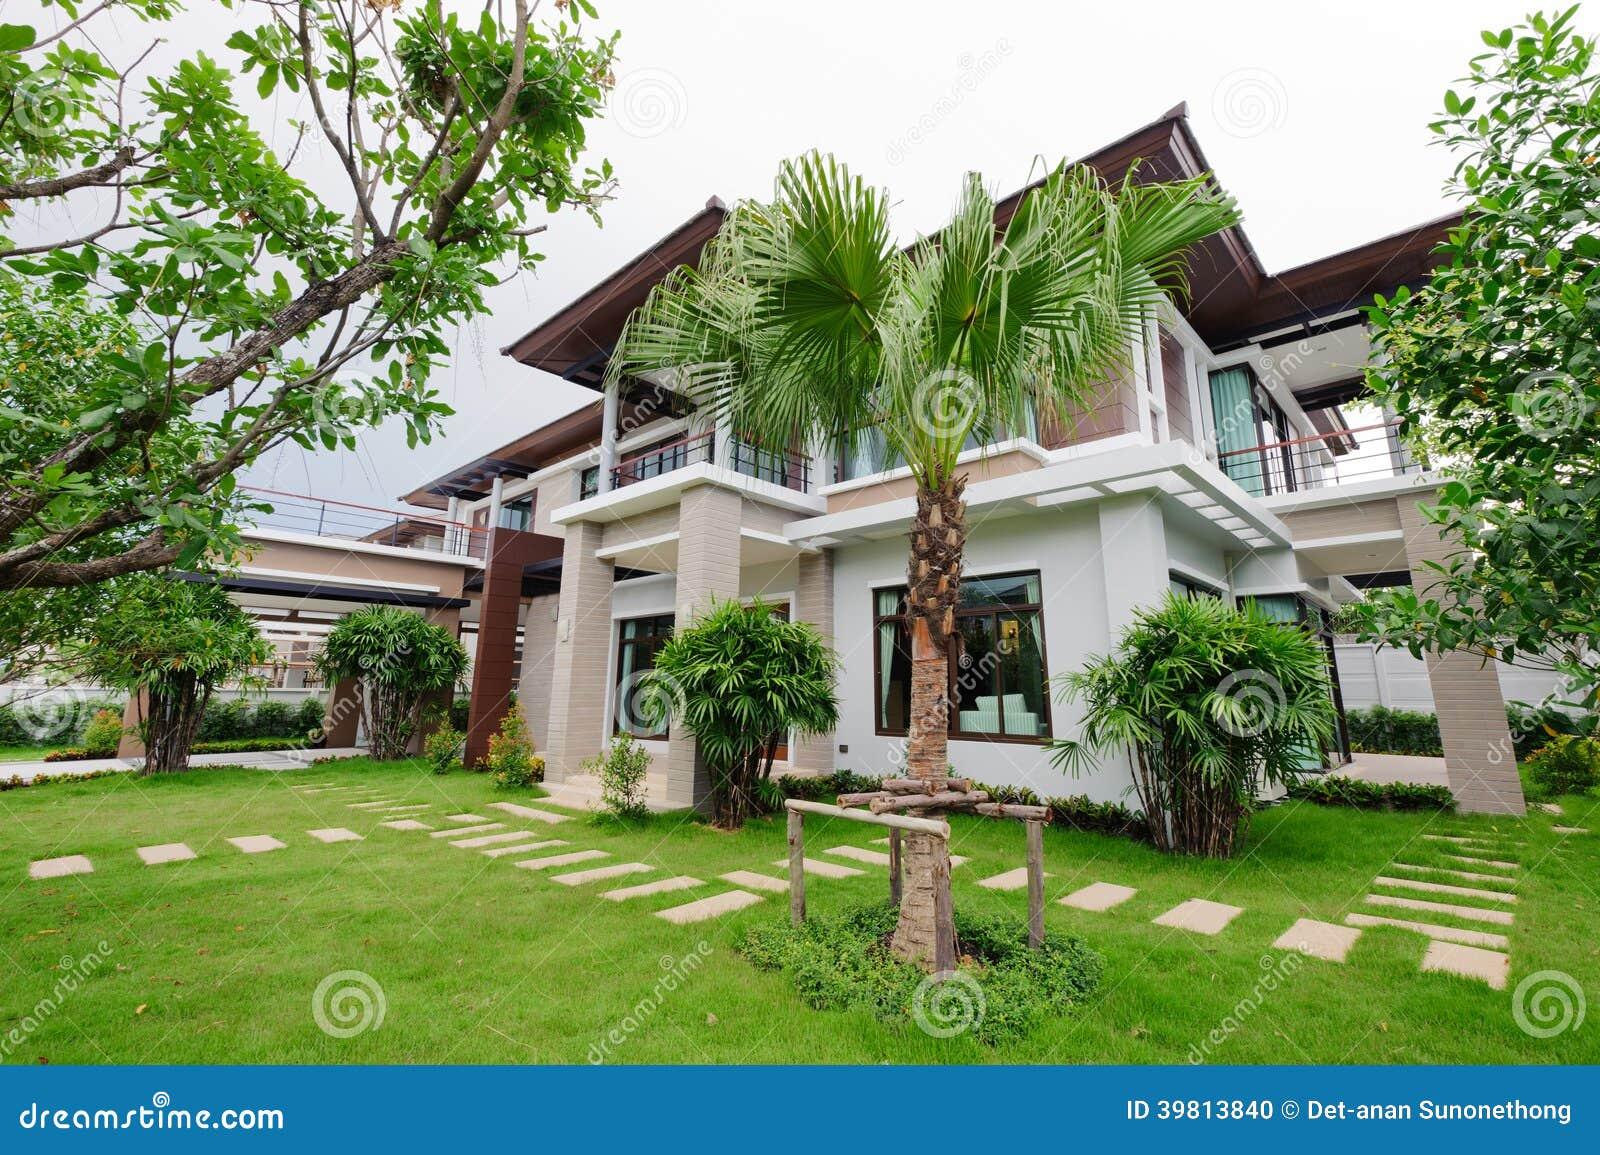 Maison et jardin luxueux photos stock - Inscription Gratuite